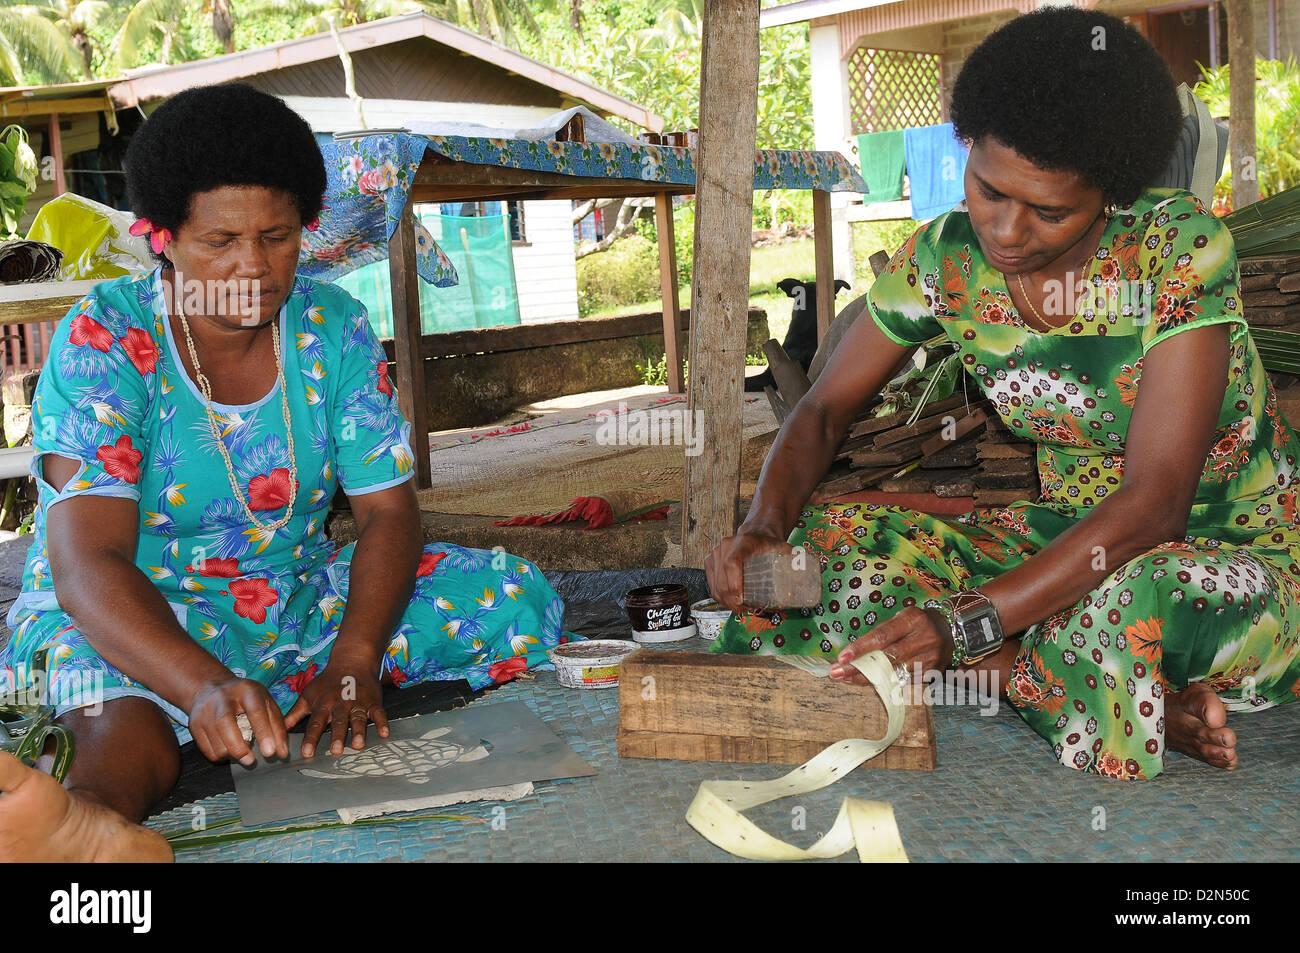 Haciendo Trap, un paño tradicional para la decoración, Fiji, Pacífico Sur, Pacífico Imagen De Stock